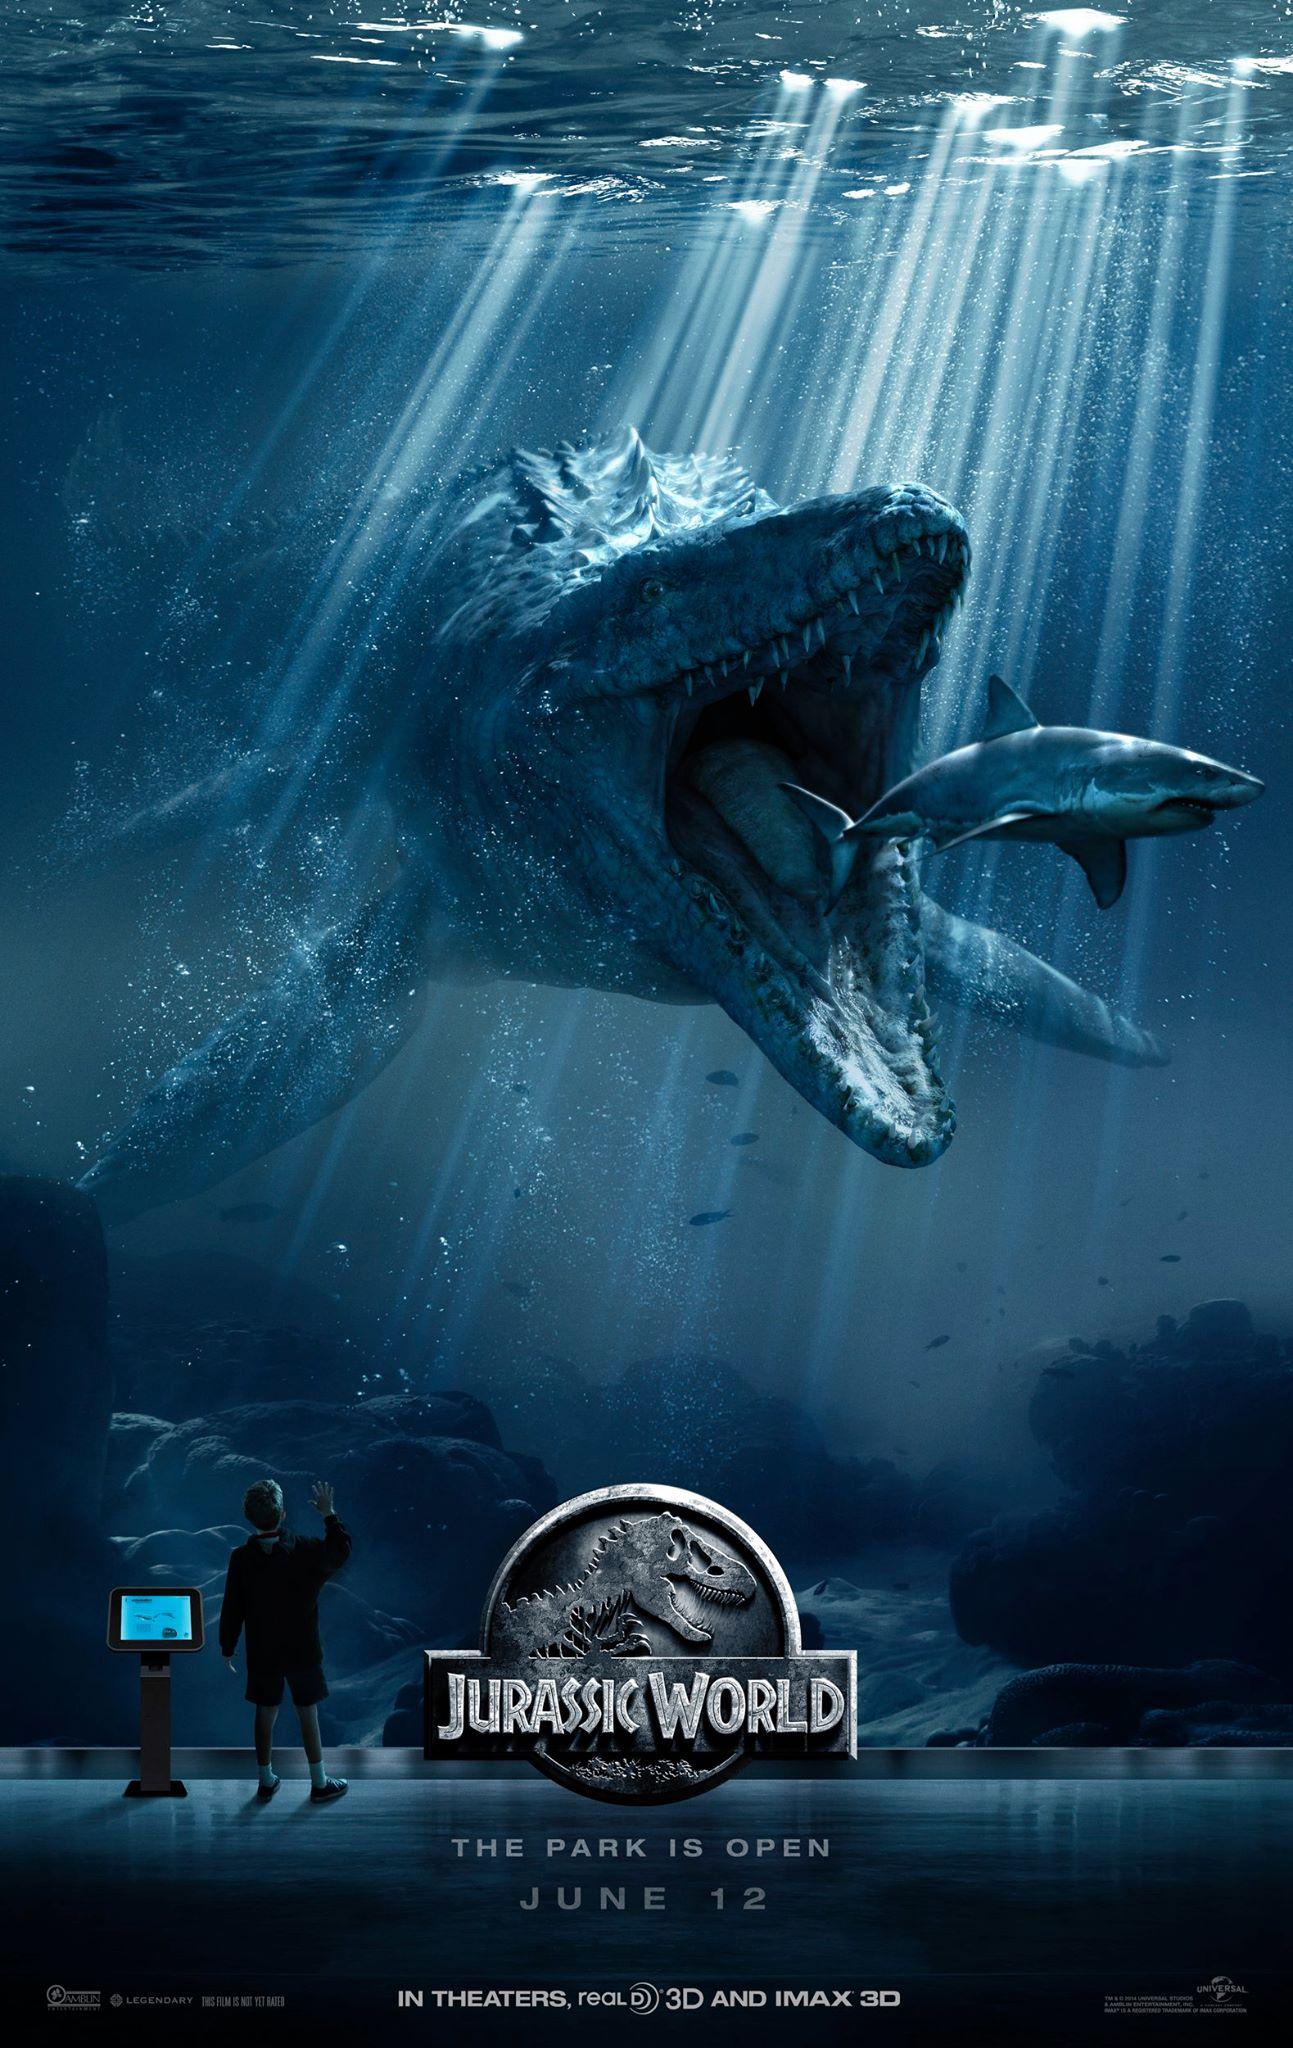 jurassic-world-movie-poster-lauren-blog.jpg